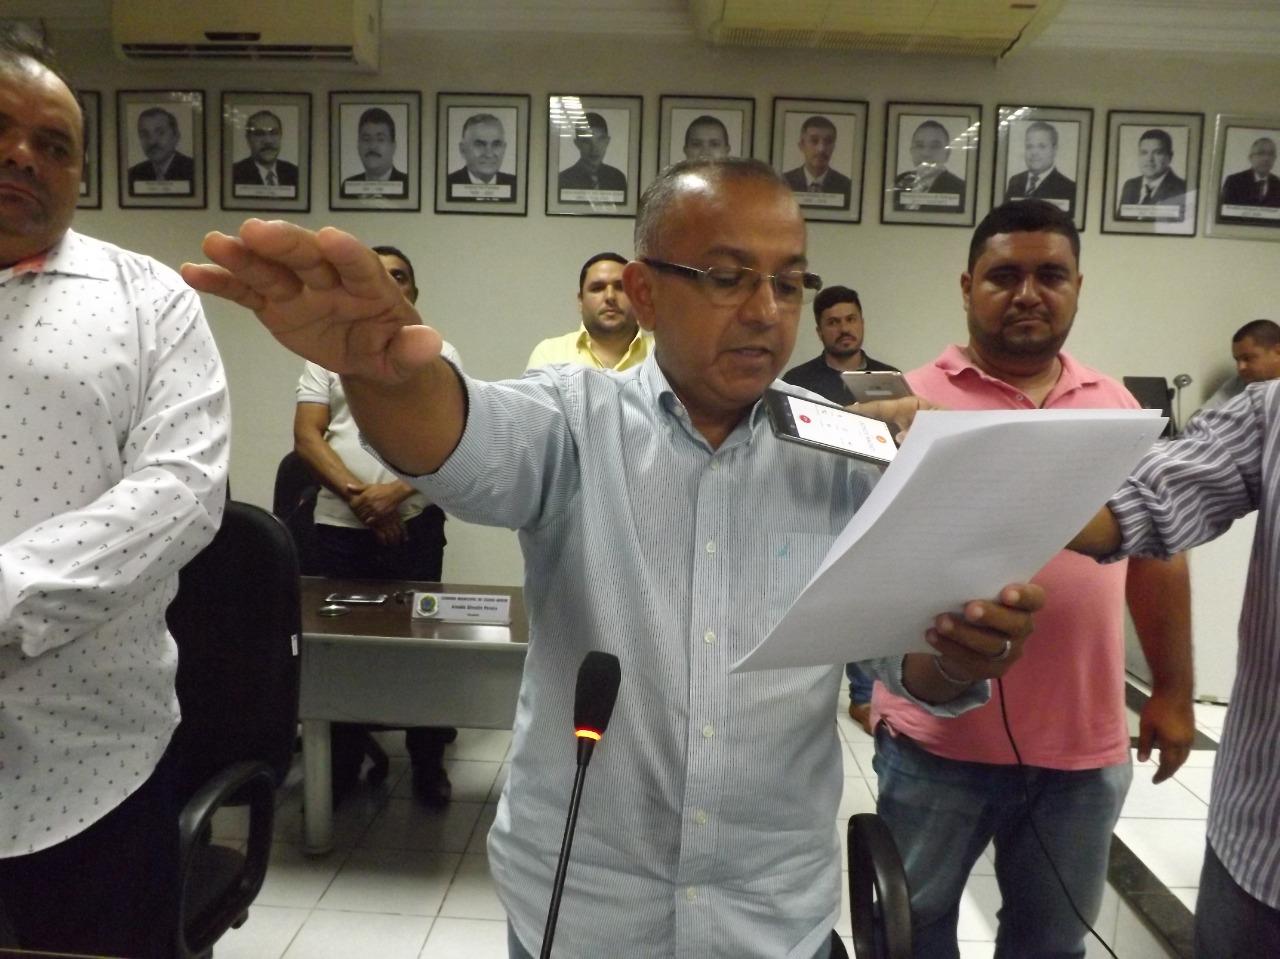 Presidente da Câmara é empossado prefeito interino de cidade do RN